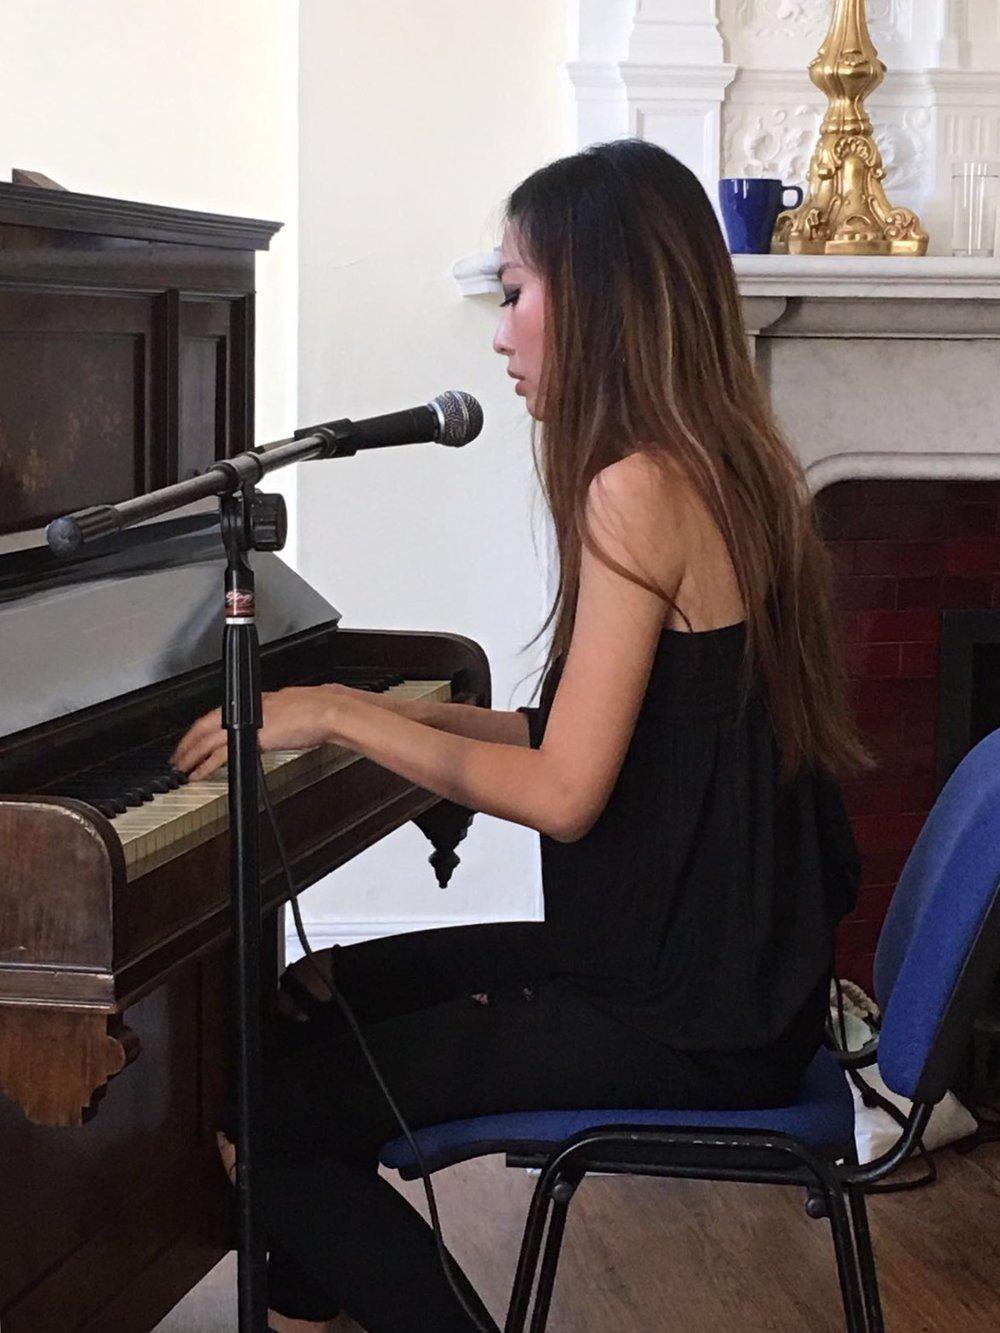 演出側拍:第一次彈古董鋼琴